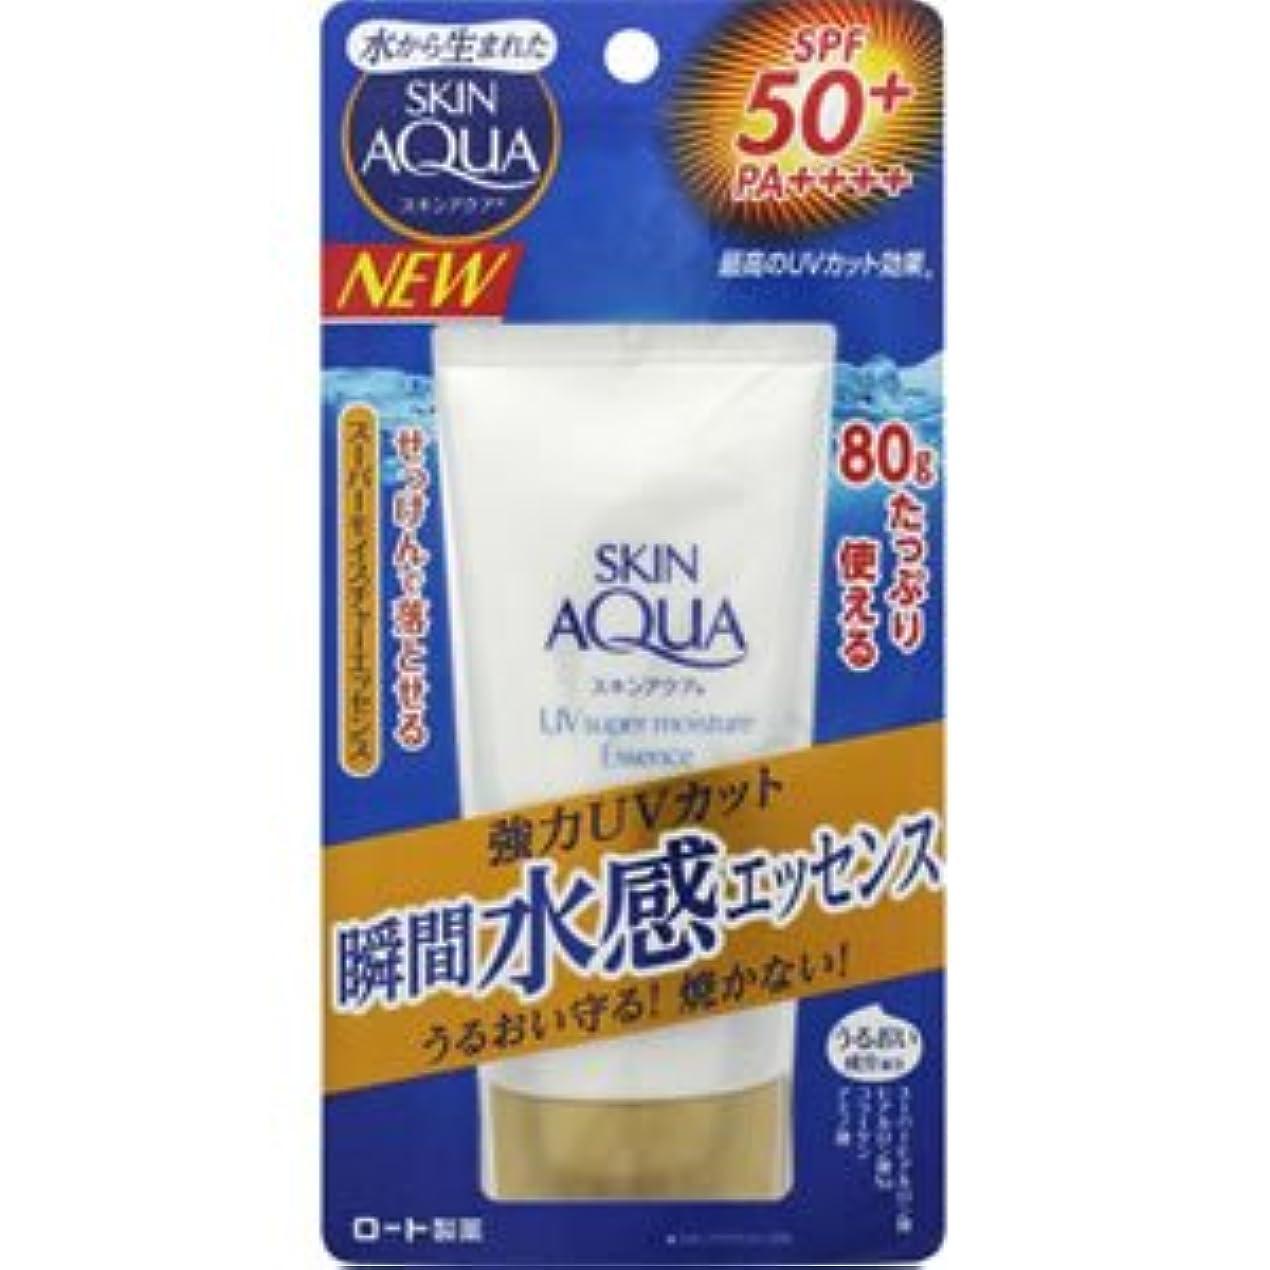 キウイ部族付添人(ロート)スキンアクア スーパーモイスチャエッセンス(SPF50+/PA++++)80g(お買い得3個セット)